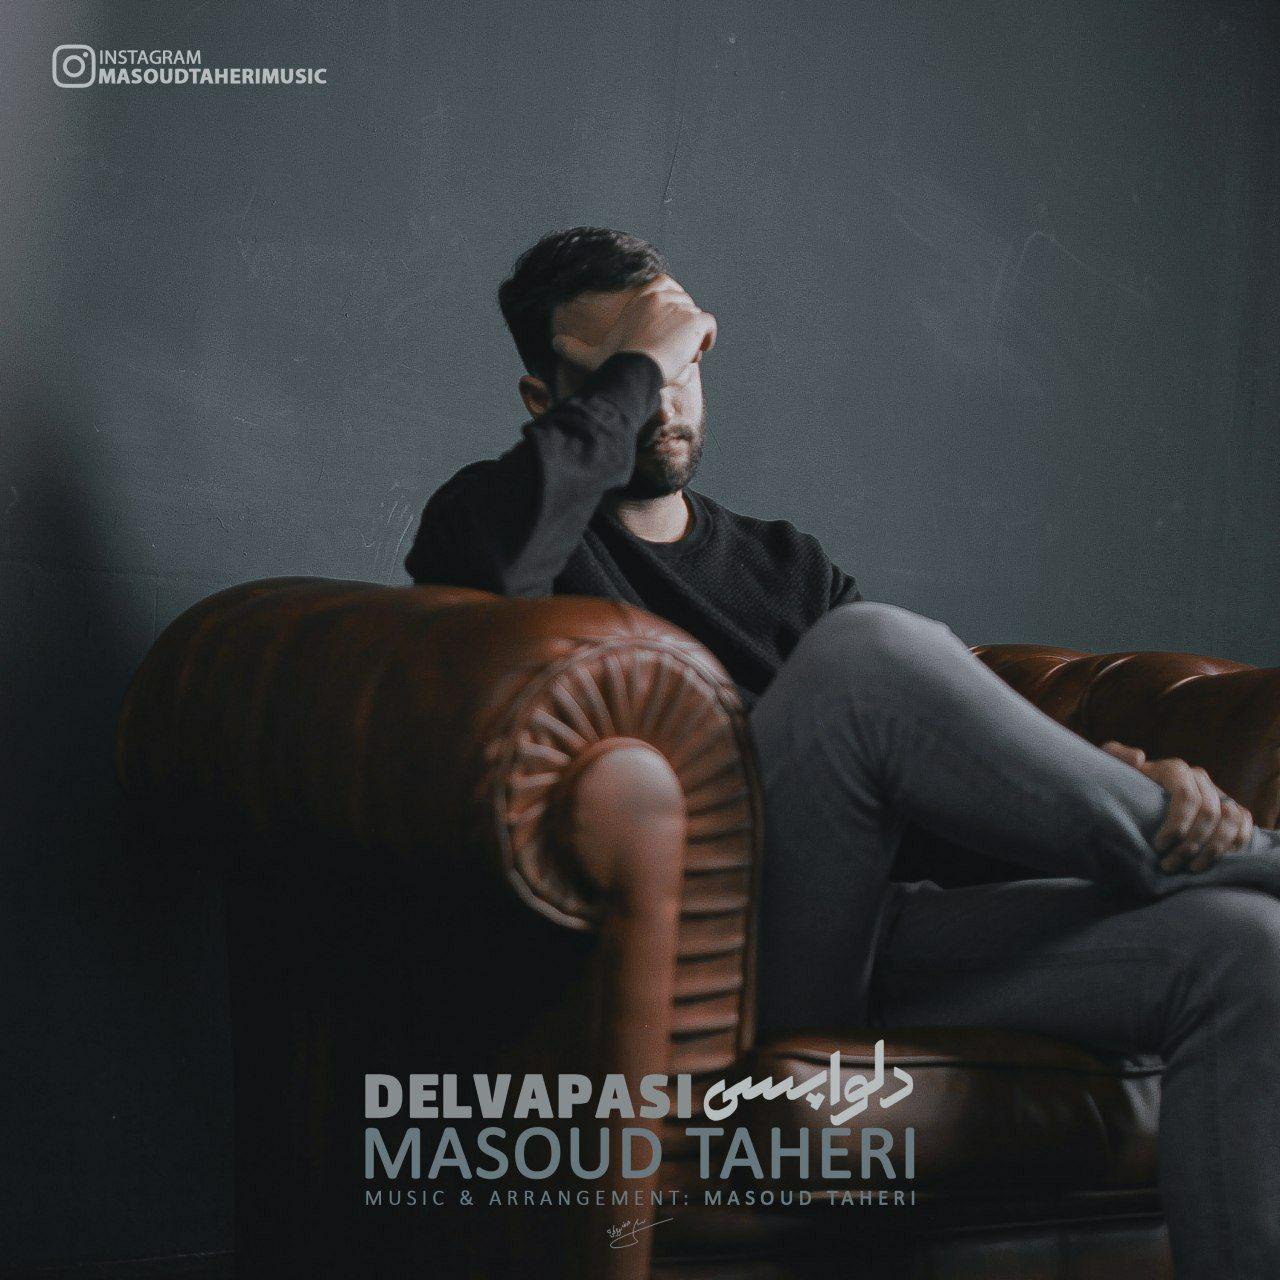 Masoud Taheri – Delvapasi